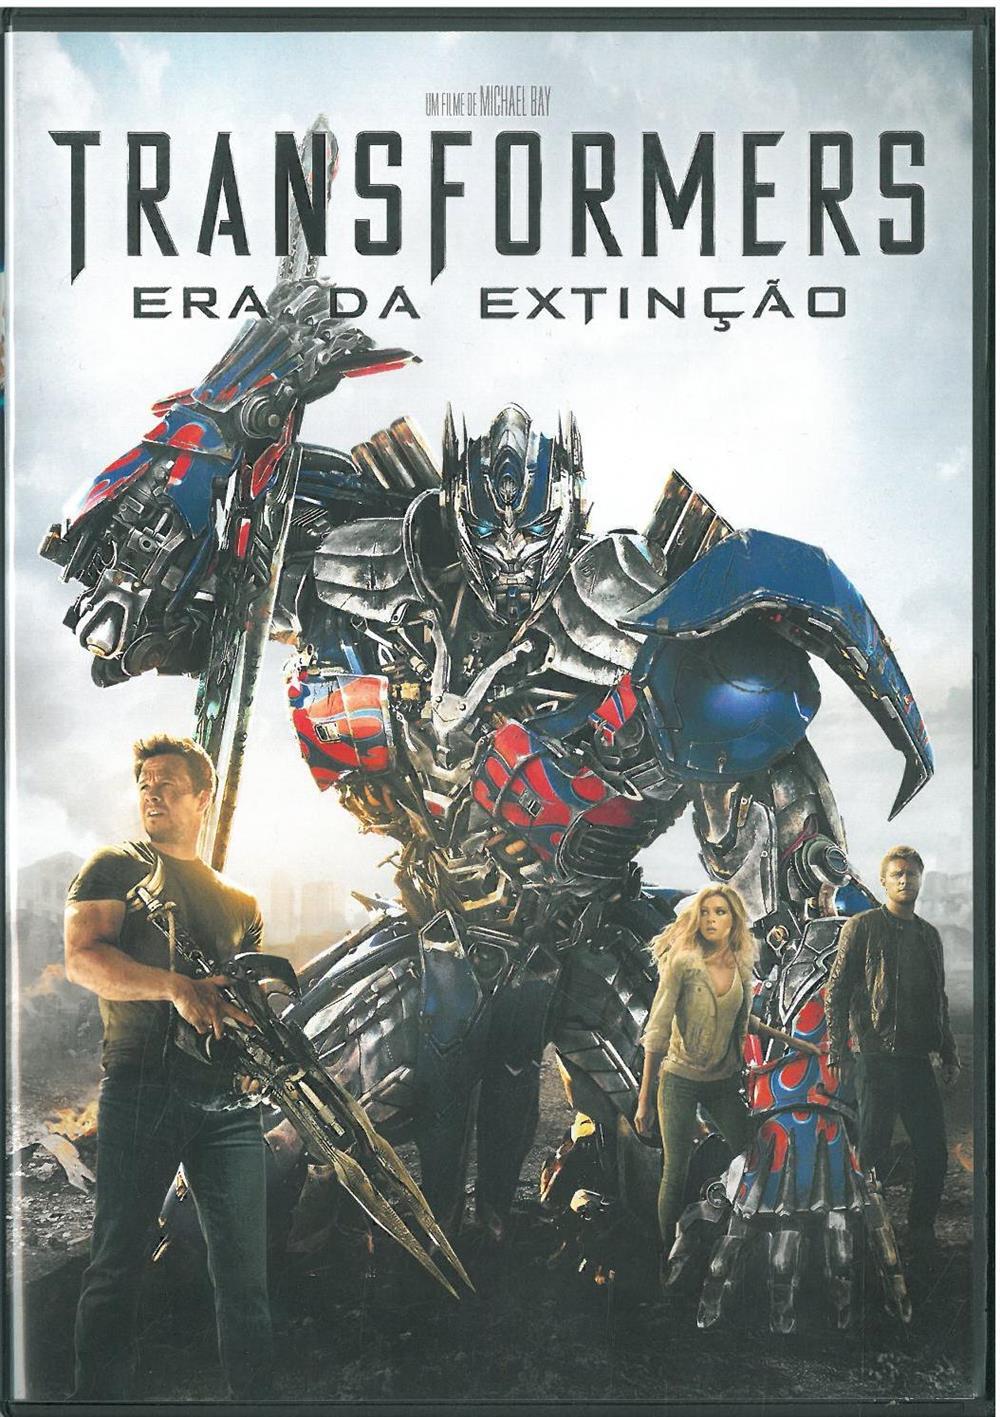 Transformers_era da extinção _DVD.jpg